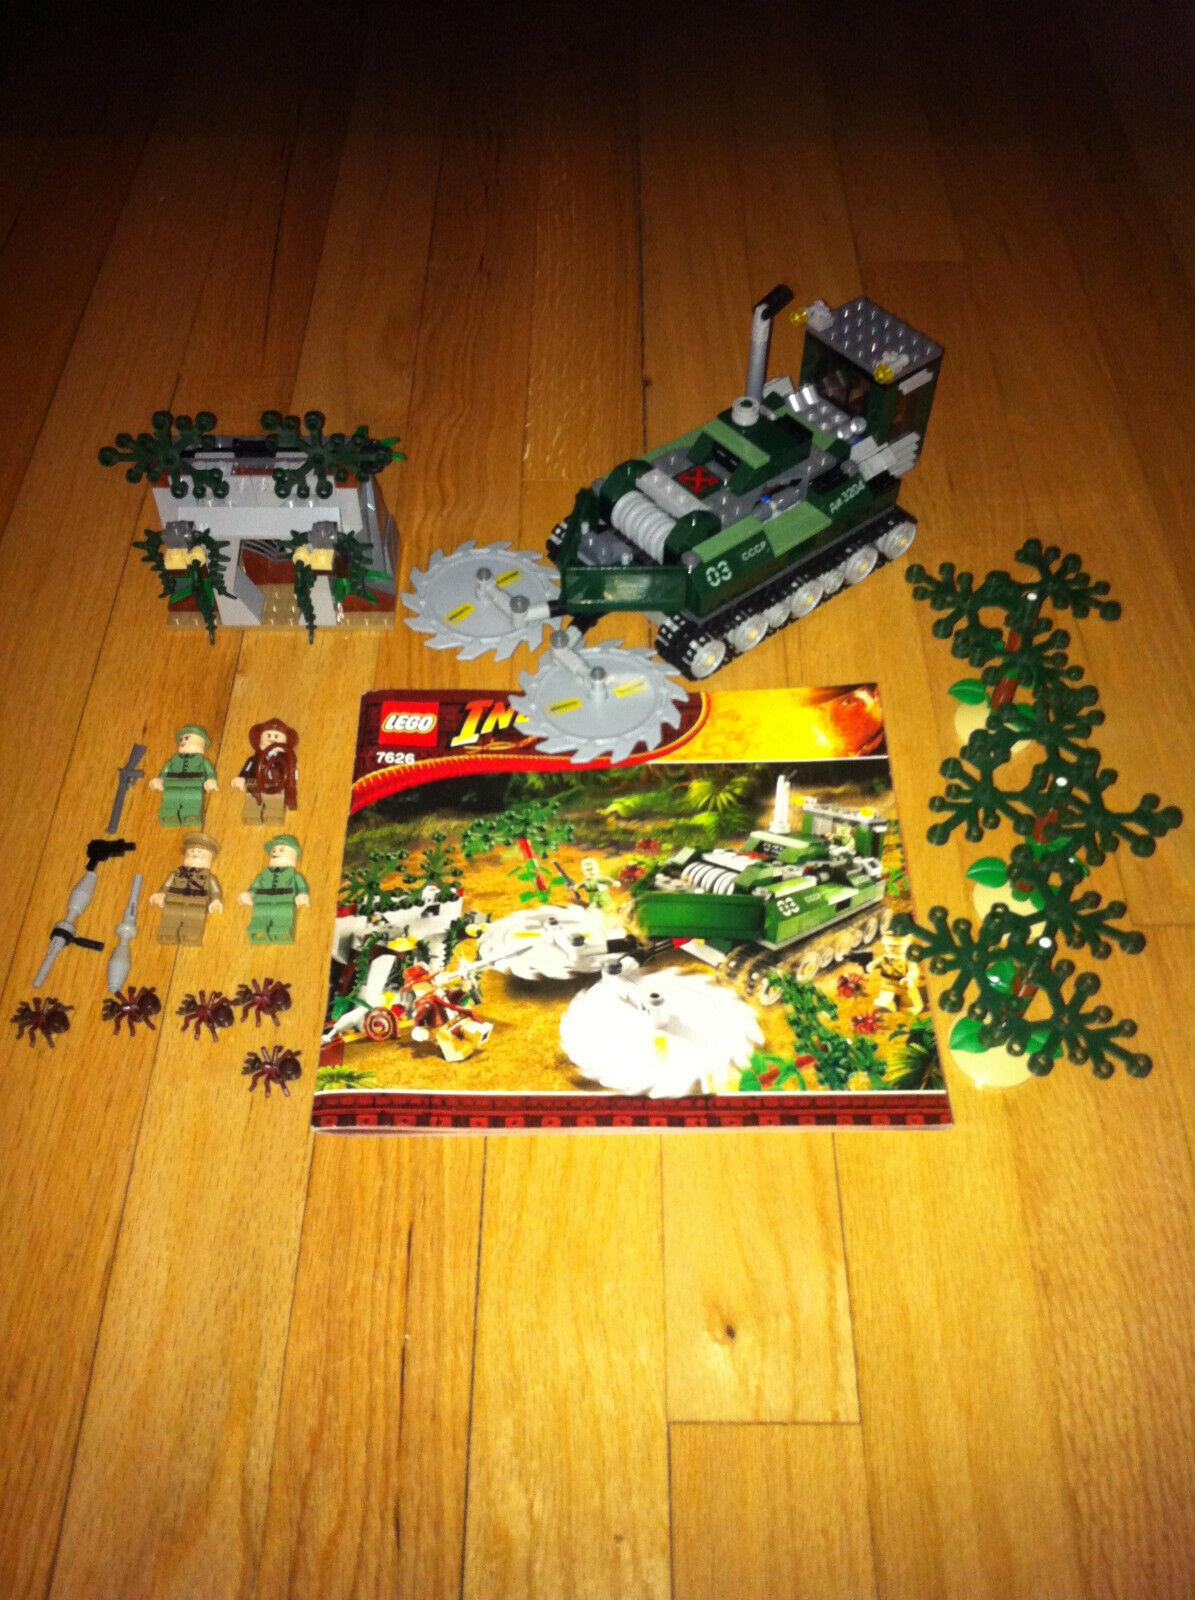 2008 Lego Indiana Jones  Jungle Cutter  7626 completare w uomoual & Minifigs  nuovo di marca